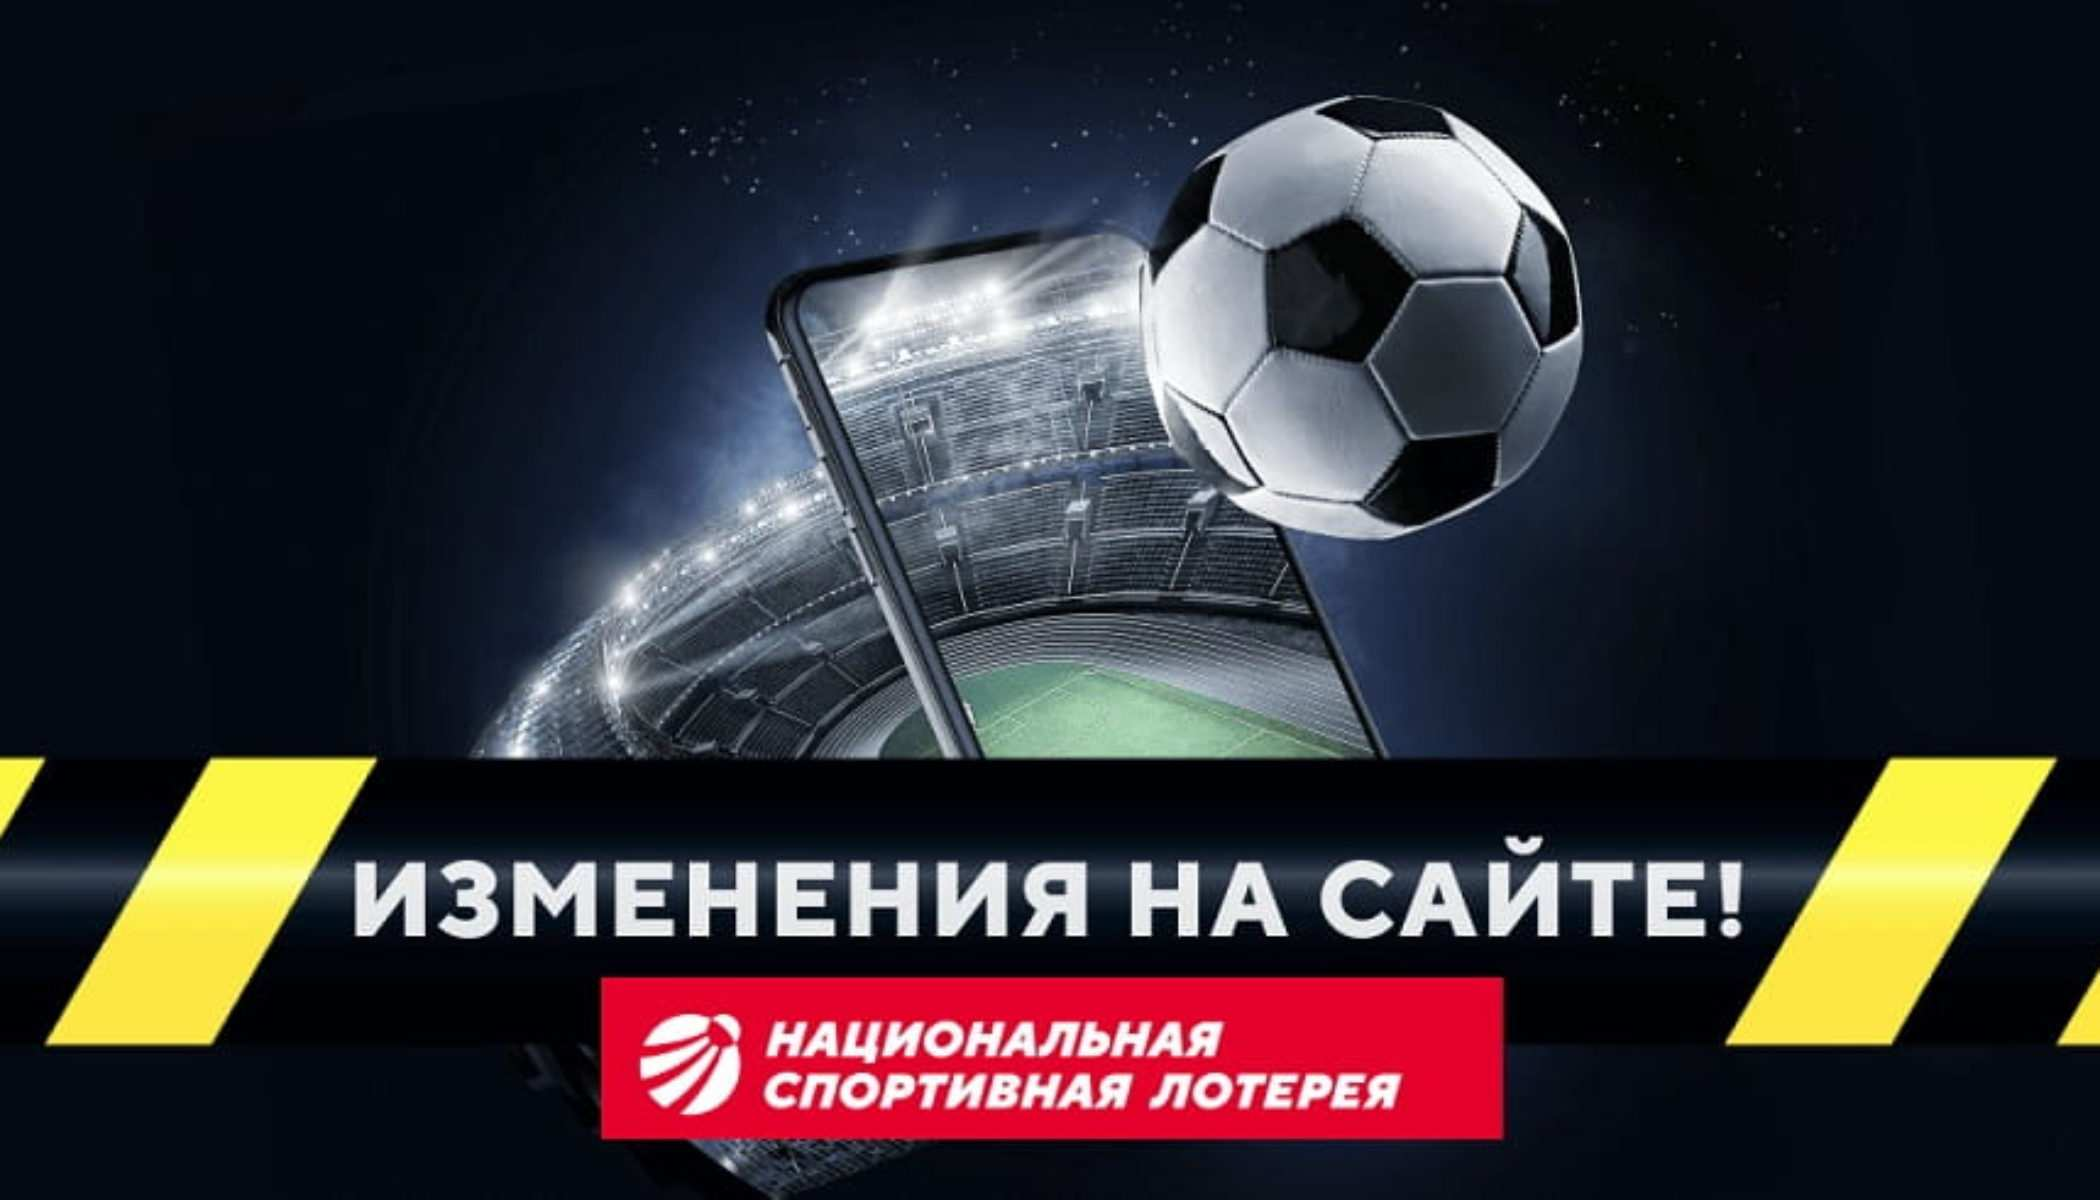 Правила лотереи «футбольная лига»   национальная спортивная лотерея